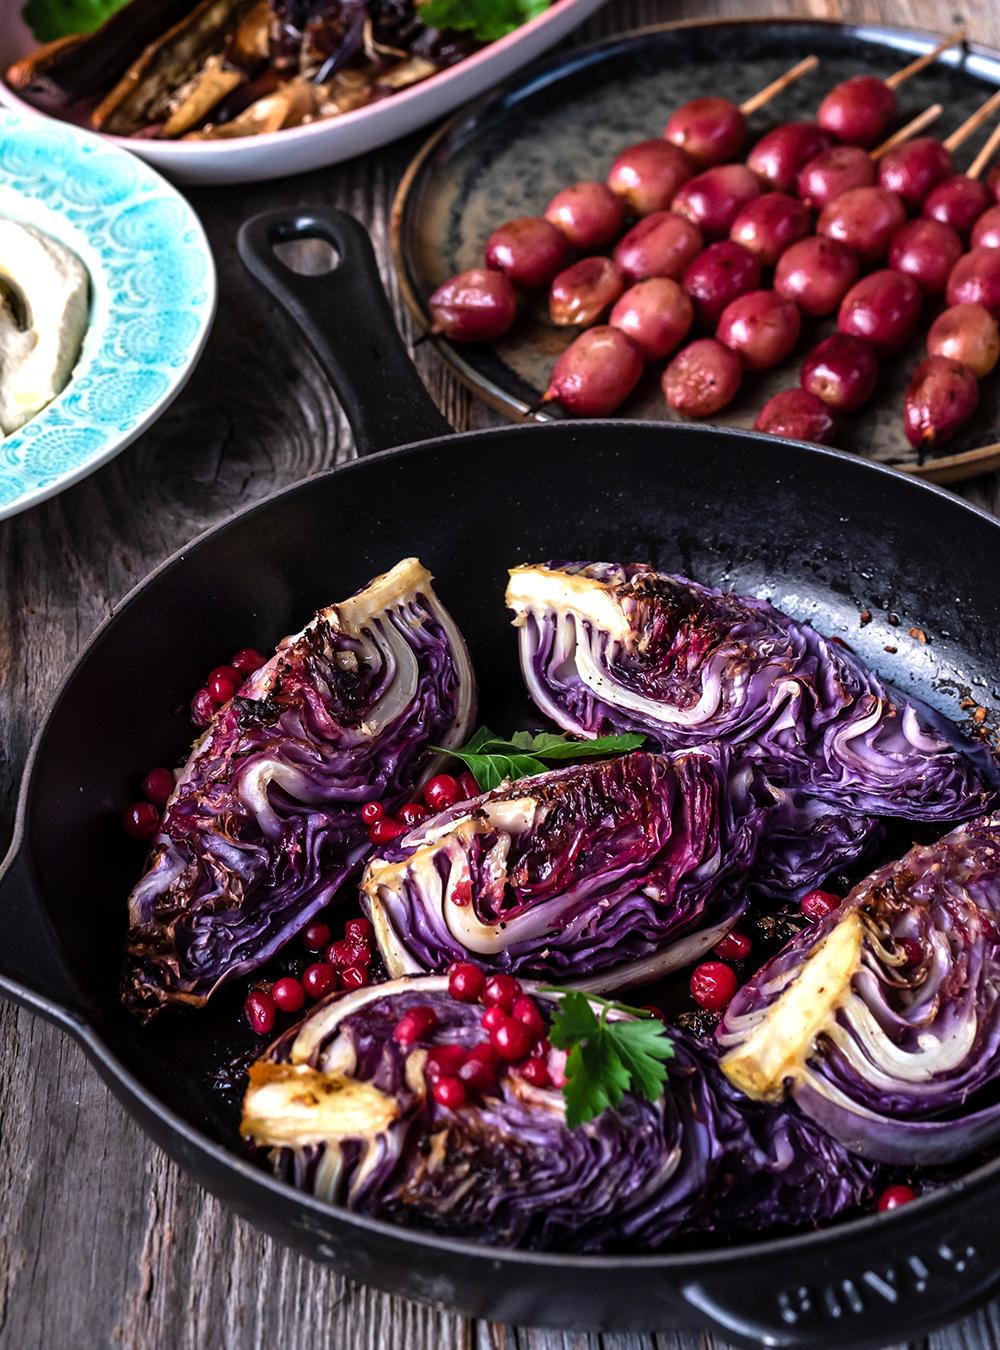 Orientalisches Gemüse nach Ottolenghi vom Traeger Pelletgrill